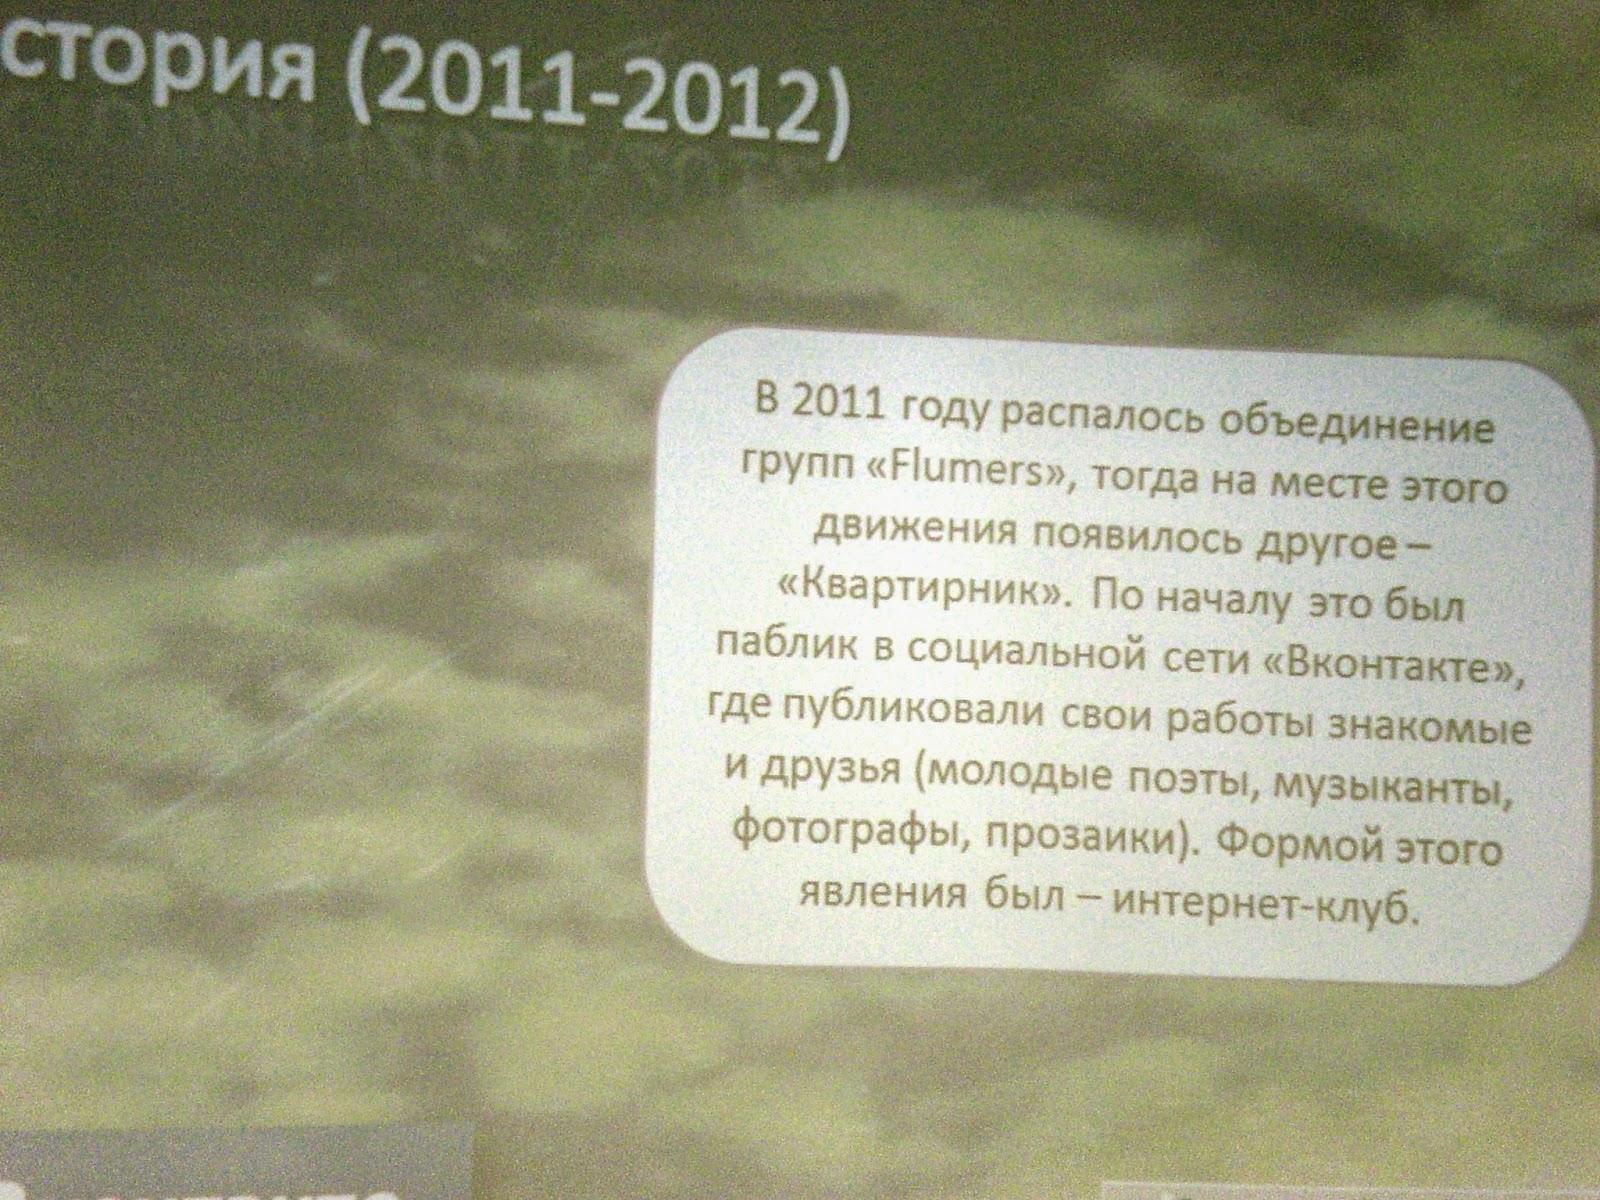 картинки в контакте про любовь - Всё про любовь ВКонтакте